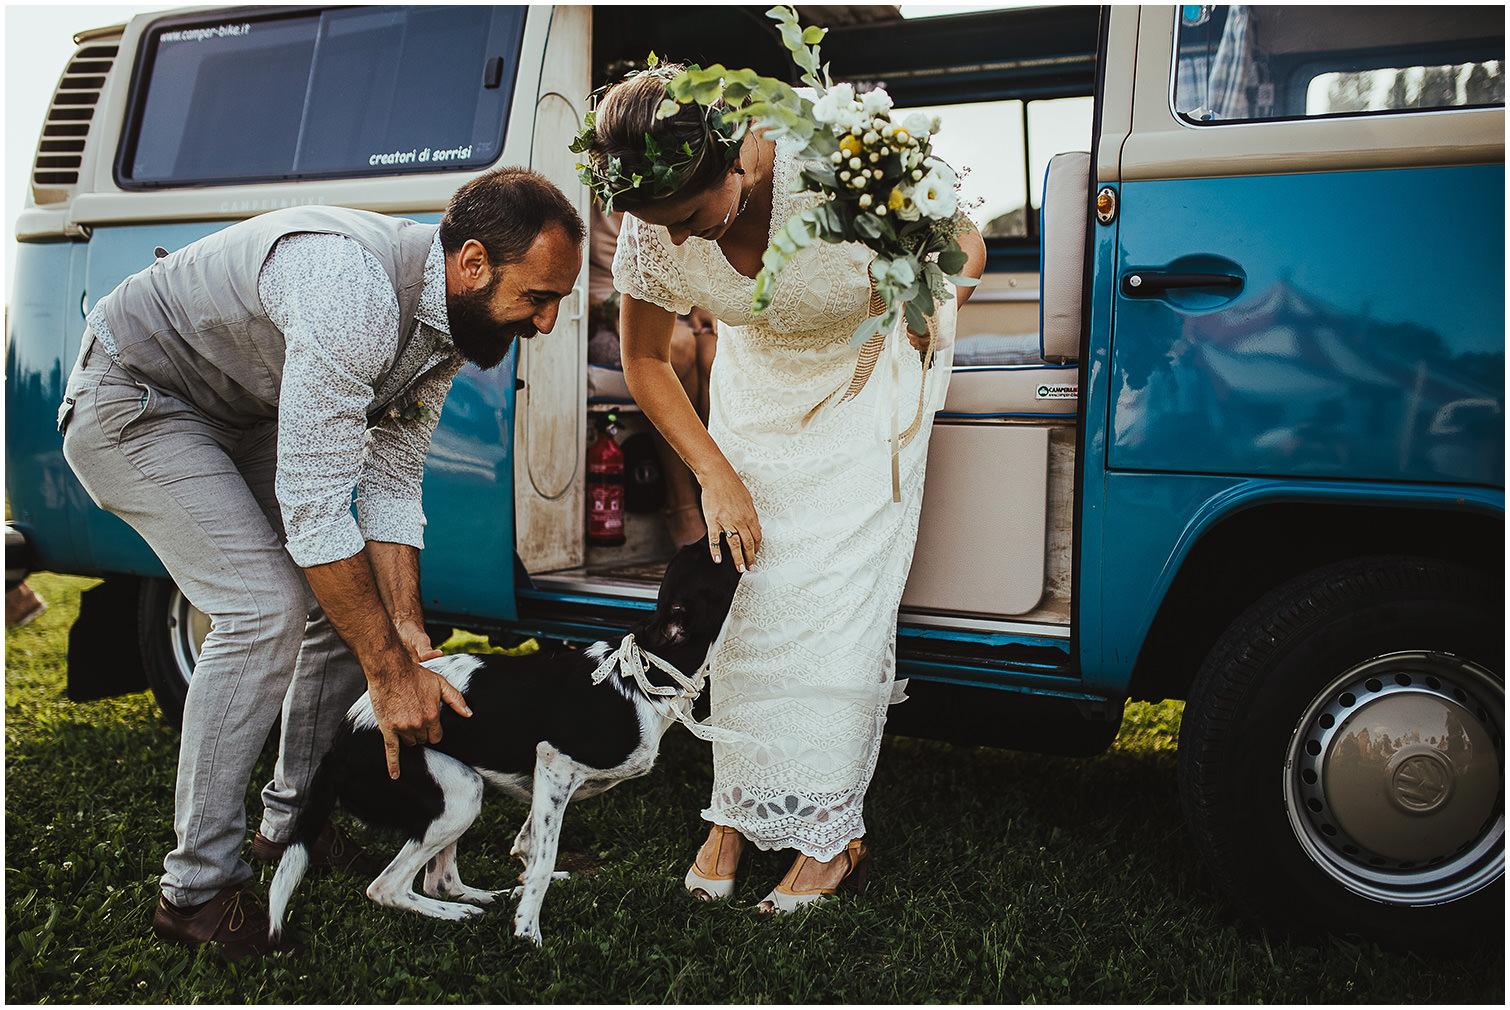 CLARA-RICCARDO-MATRIMONIO-CIRCO-VOLAVOILA-ROMA-SARA-LORENZONI-WEDDING-PHOTOGRAPHY-014